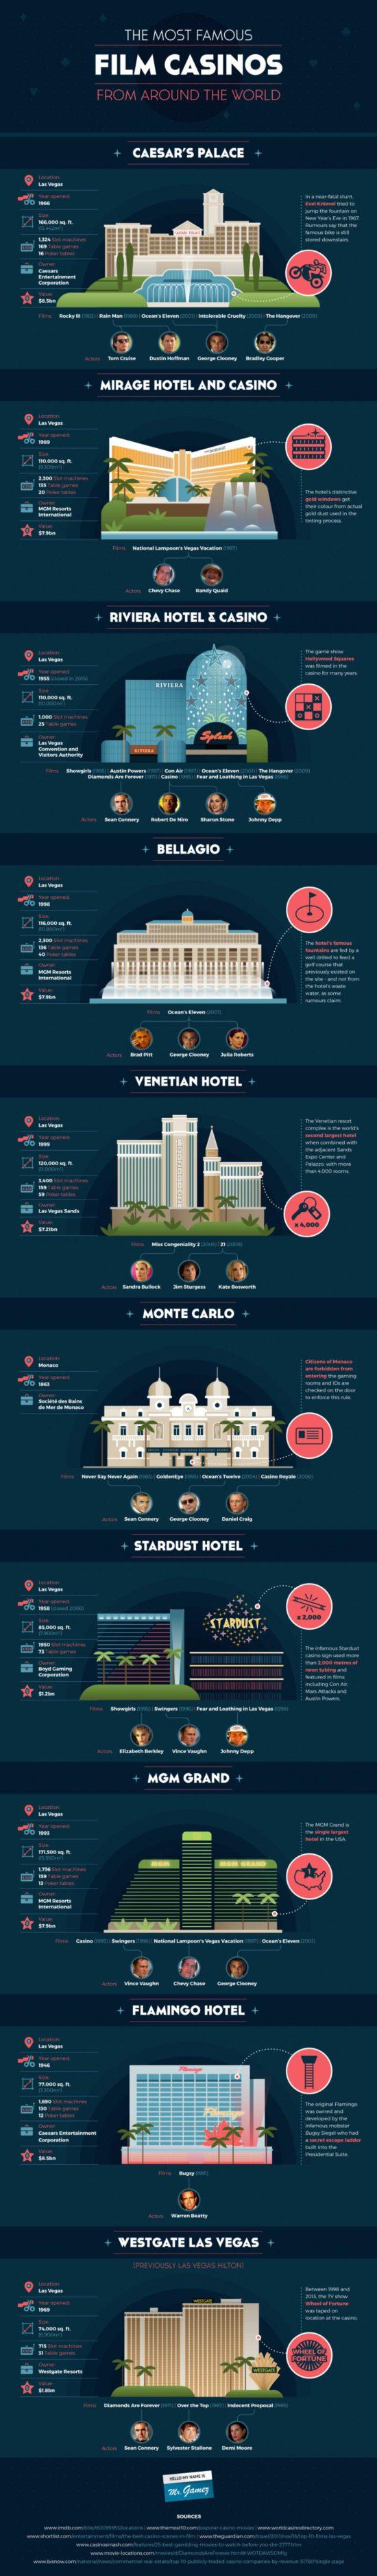 Filmová casina, která všichni známe – infografika